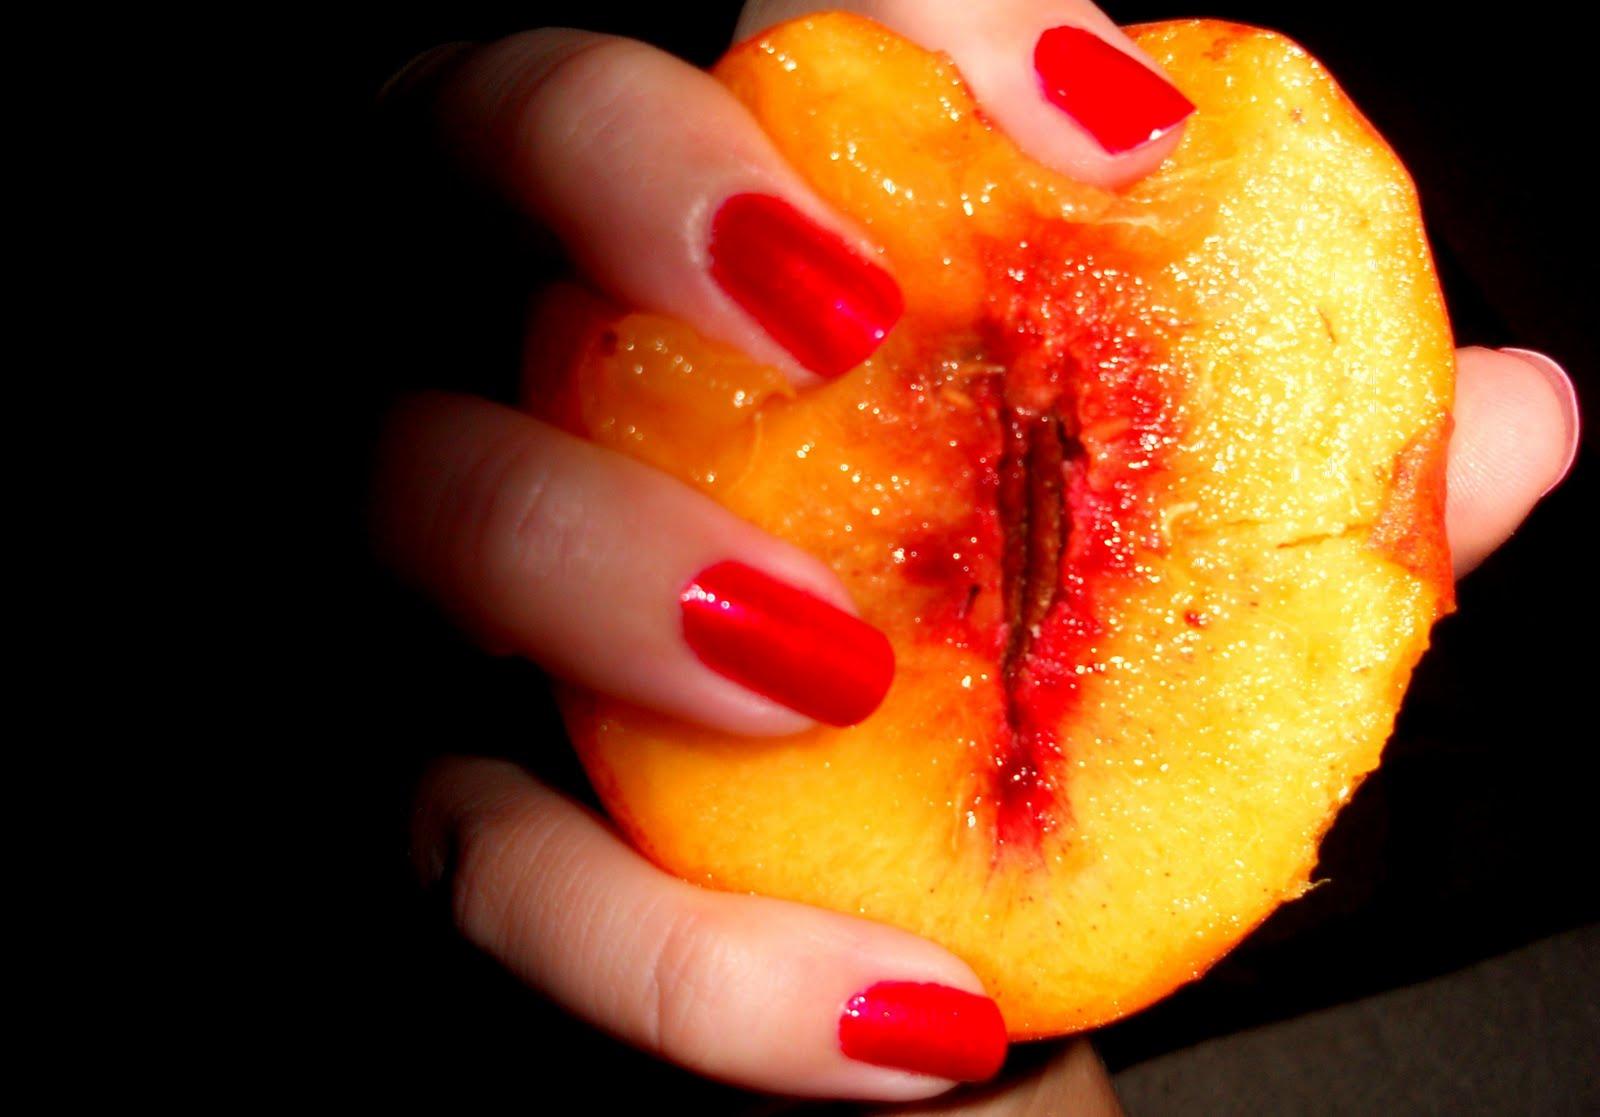 Peaches erotic